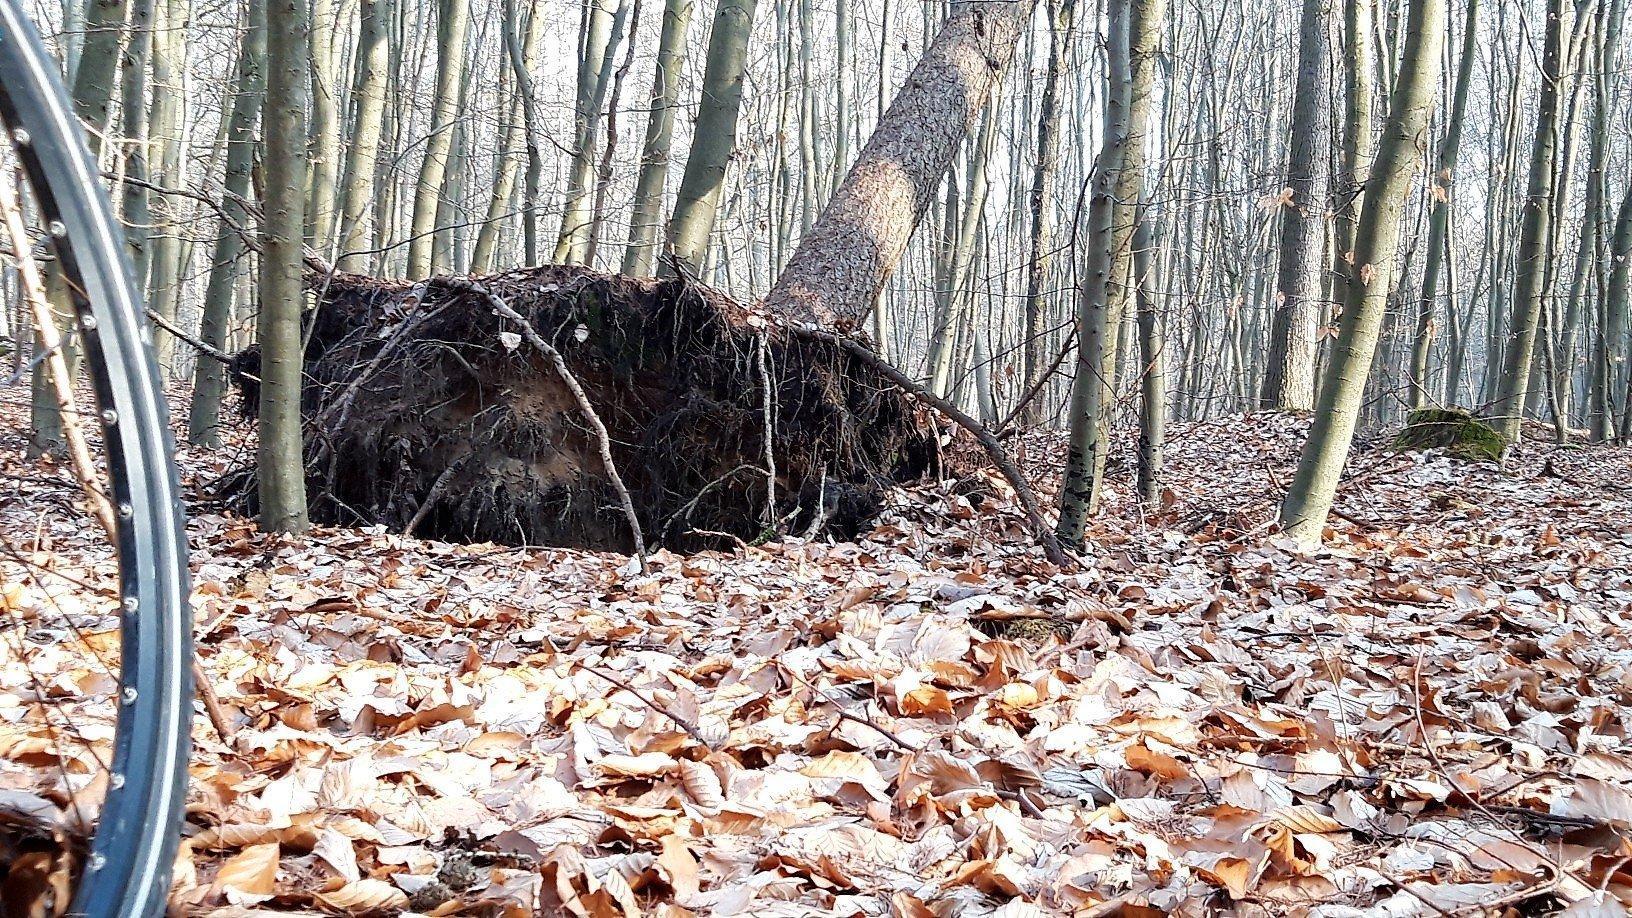 Mitten im Wald endet die Radroute vor einem halb umgestürzten Baum